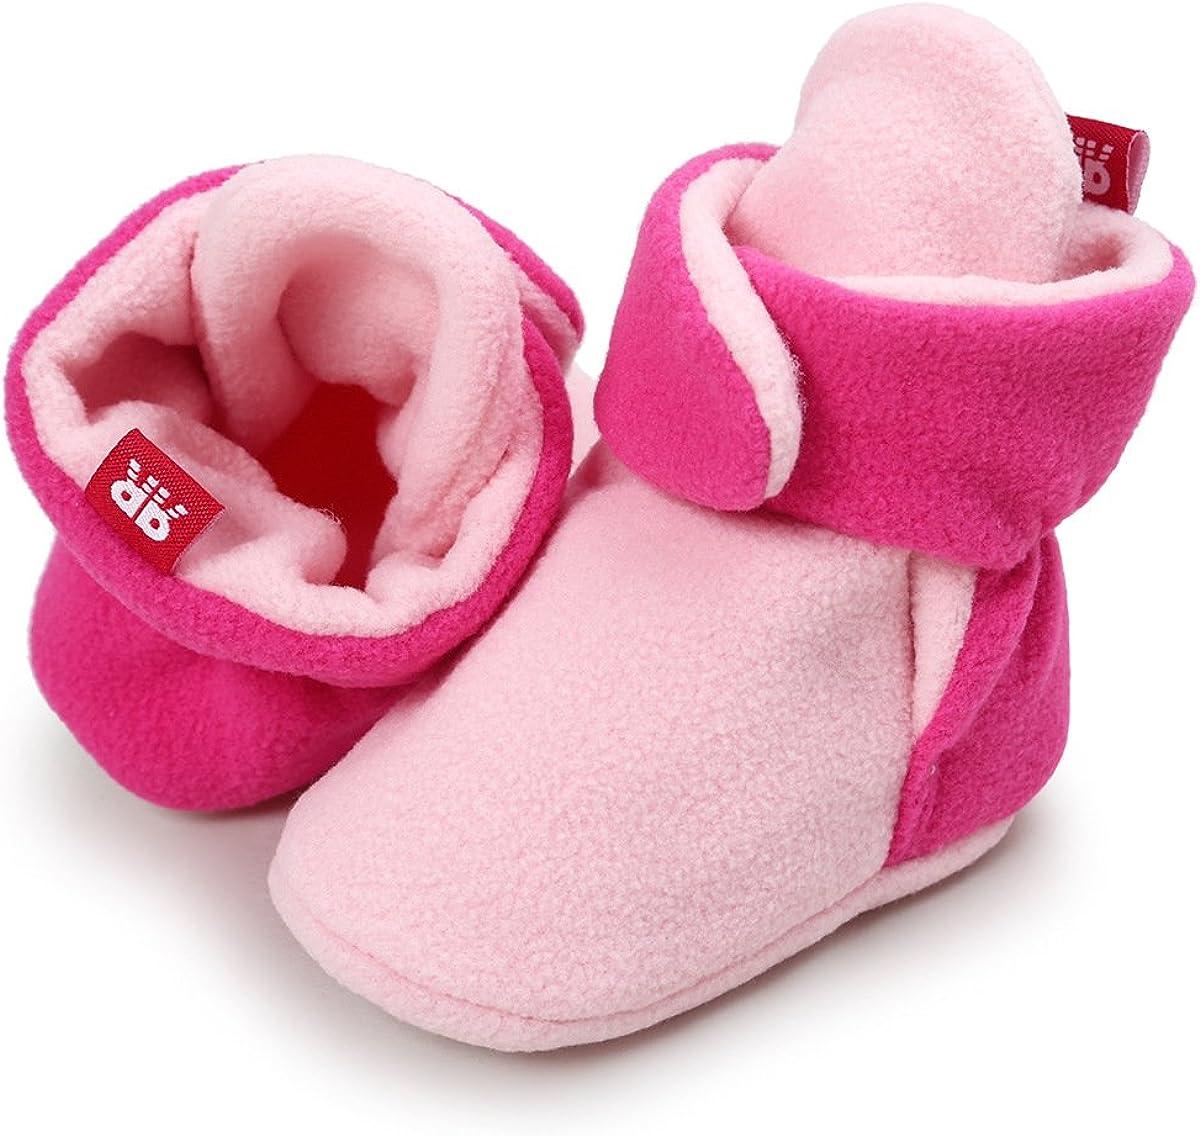 Kuajing Baby Shoes Cozy Fleece Bootie